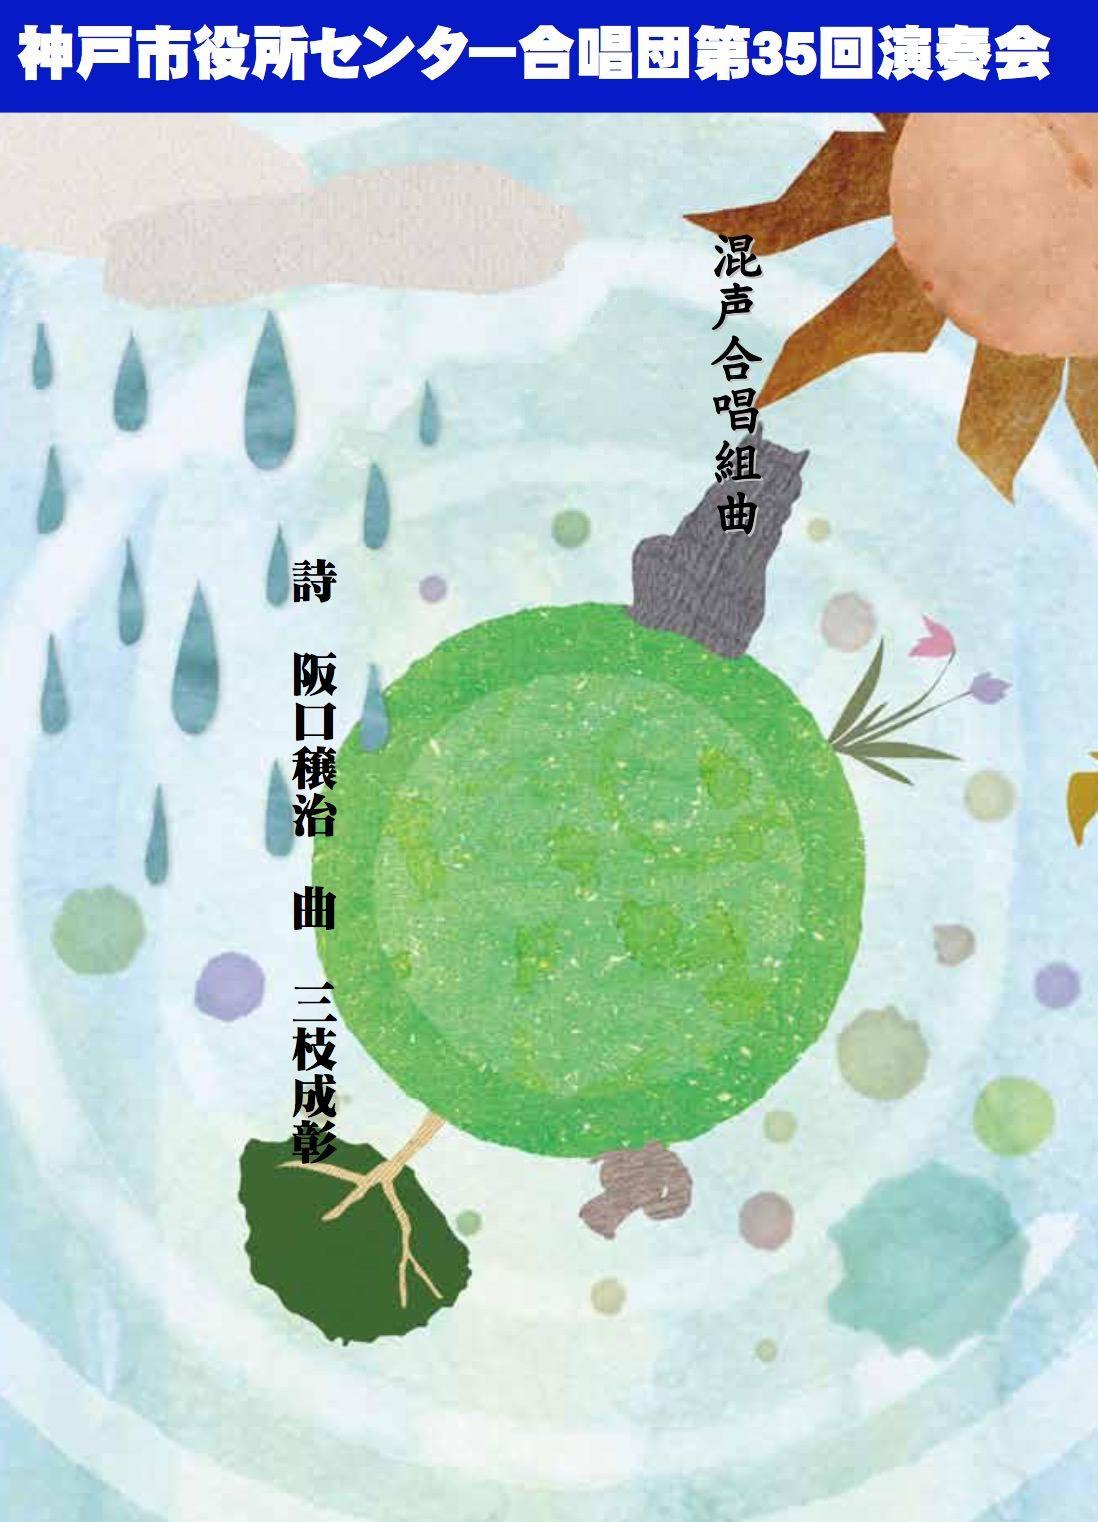 神戸市役所センター合唱団第35回演奏会(DVD)